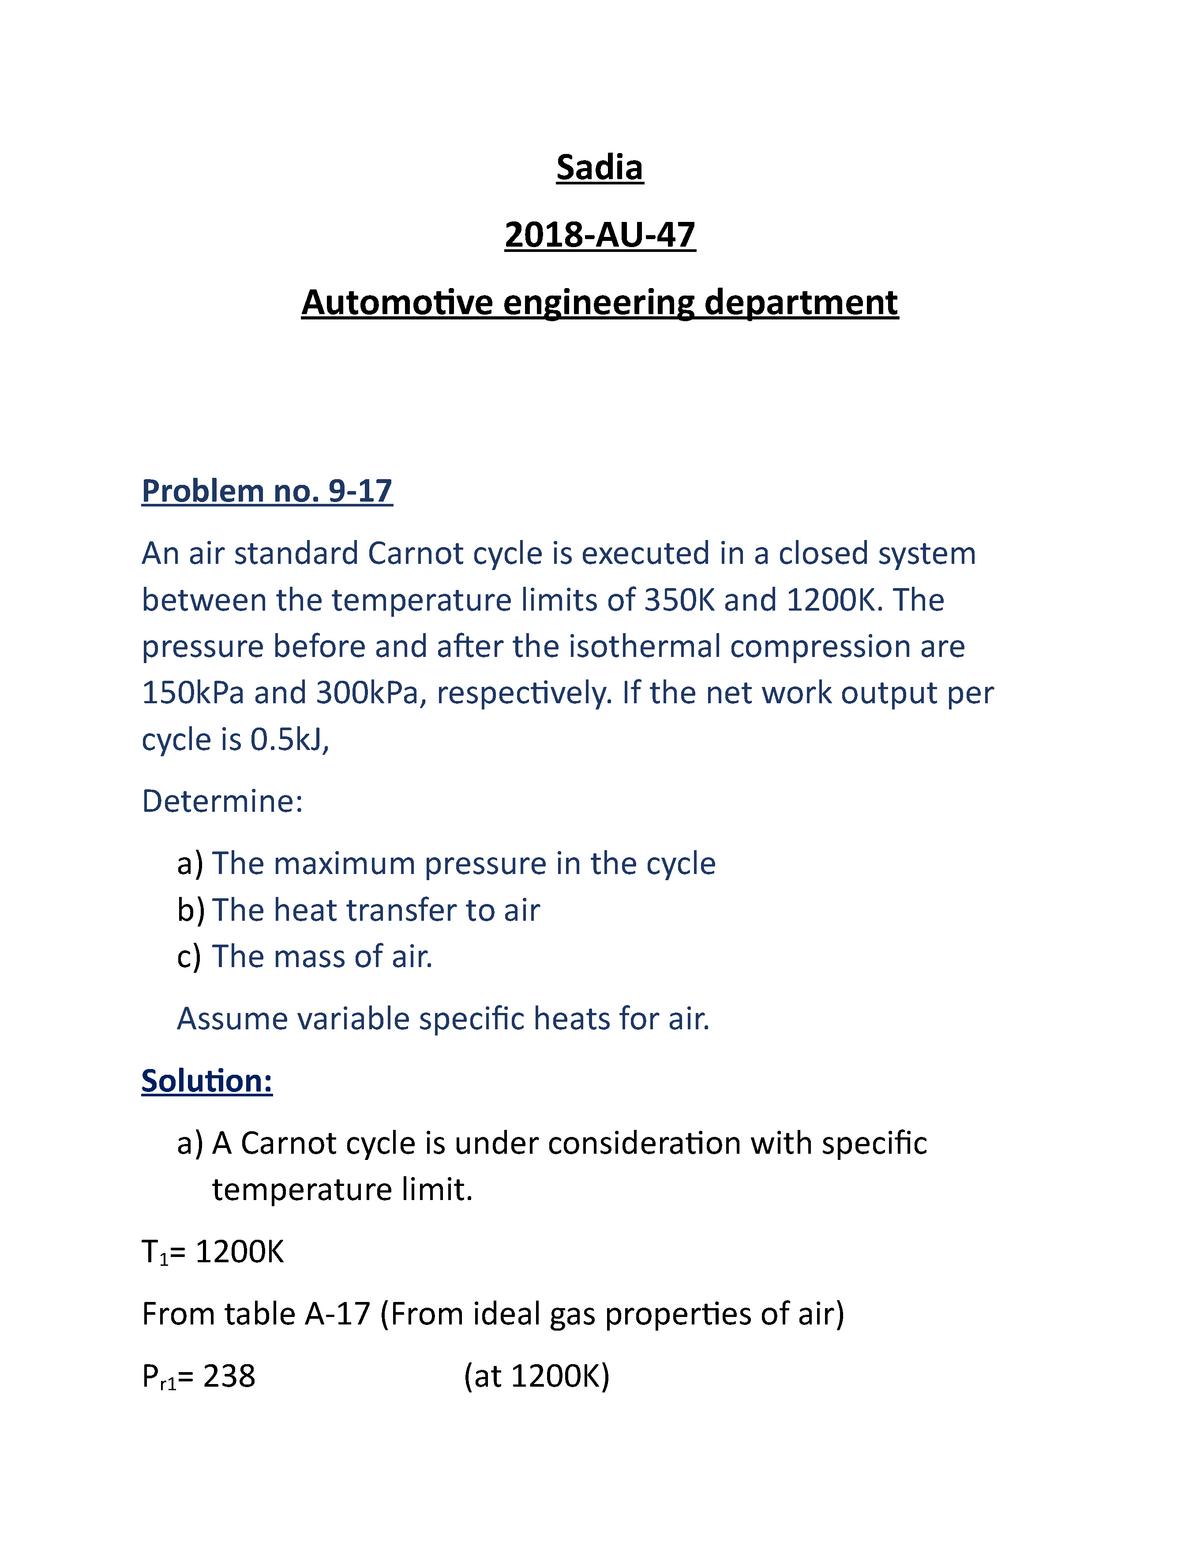 thermodynamics 1 - EE 452 - UET Lahore - StuDocu